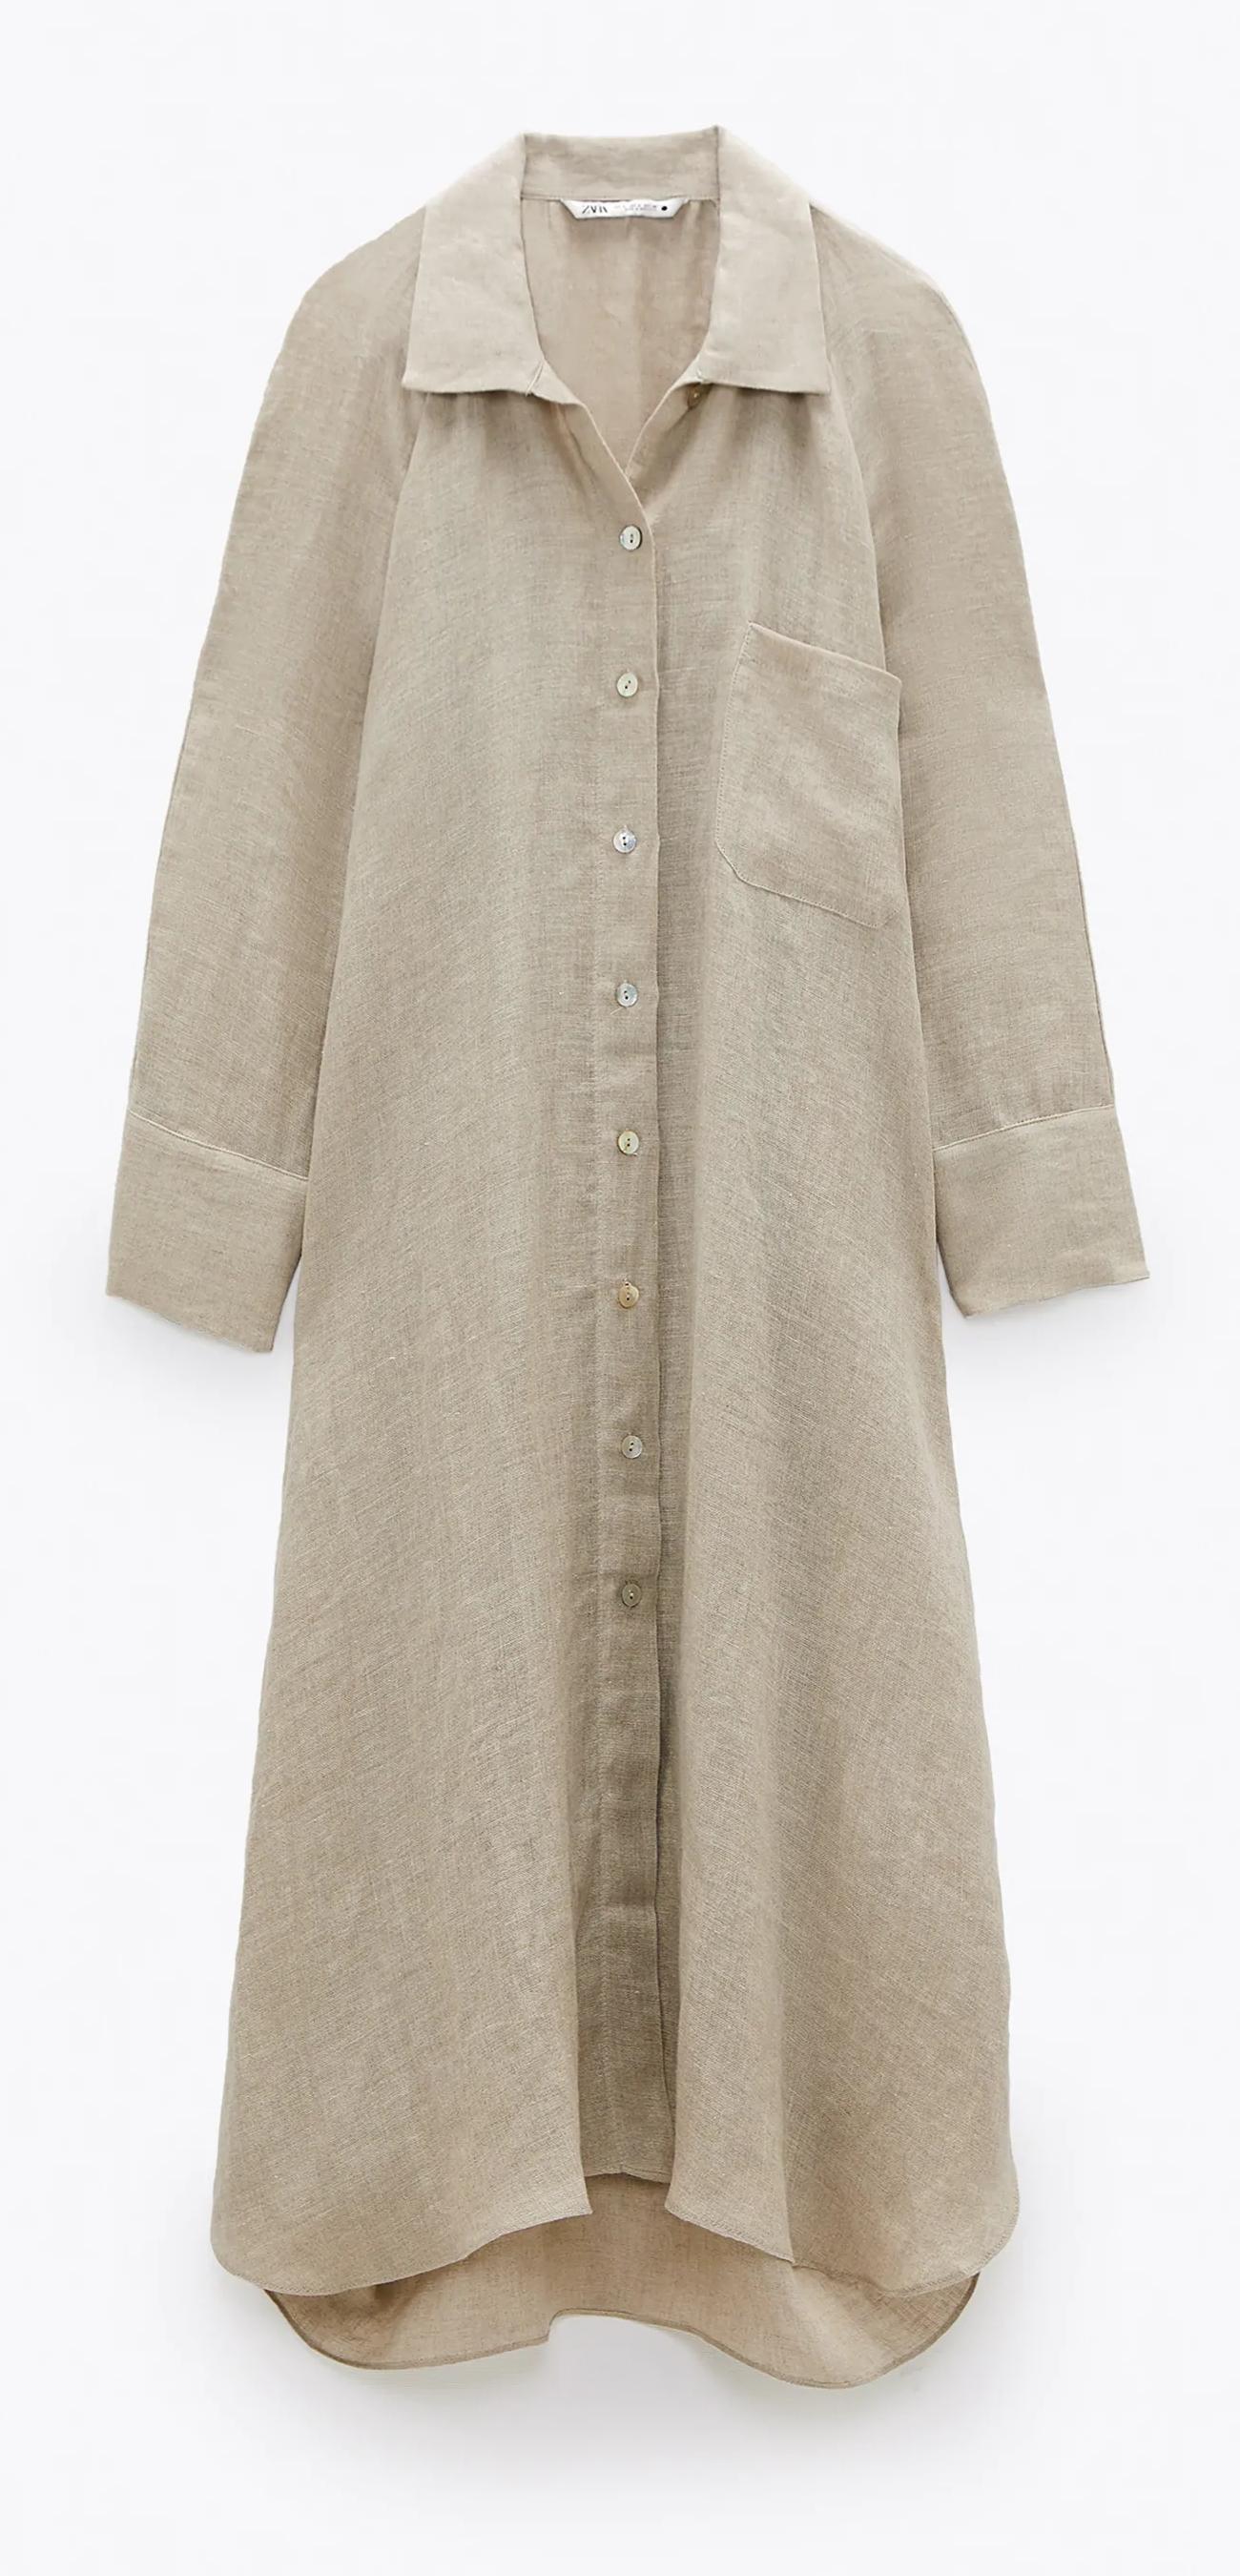 Vestido de Zara, en lino, de corte camisero y bajo asimétrico. 39,95 euros.